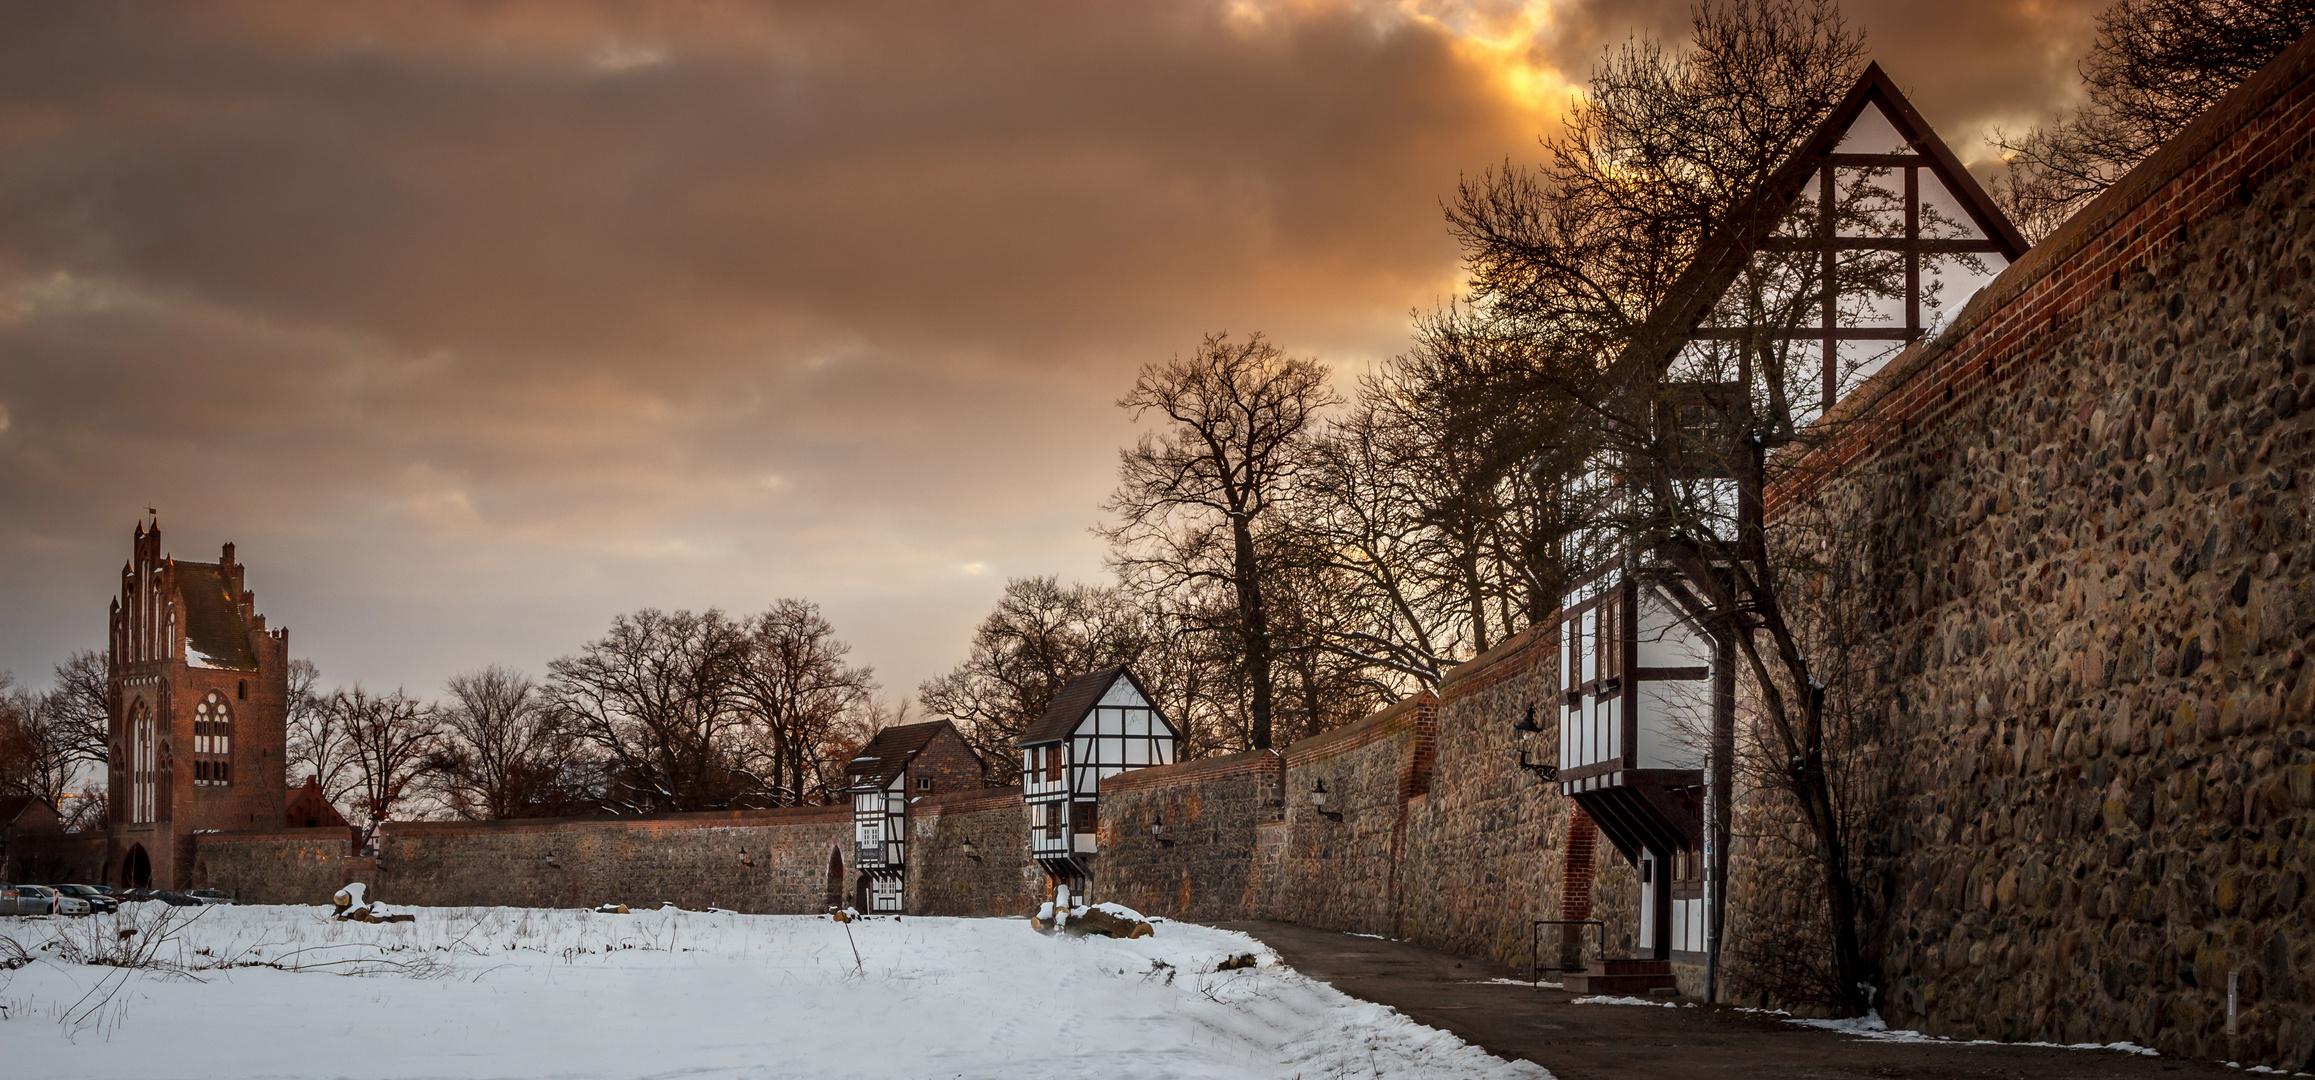 Neubrandenburg Stadtmauer